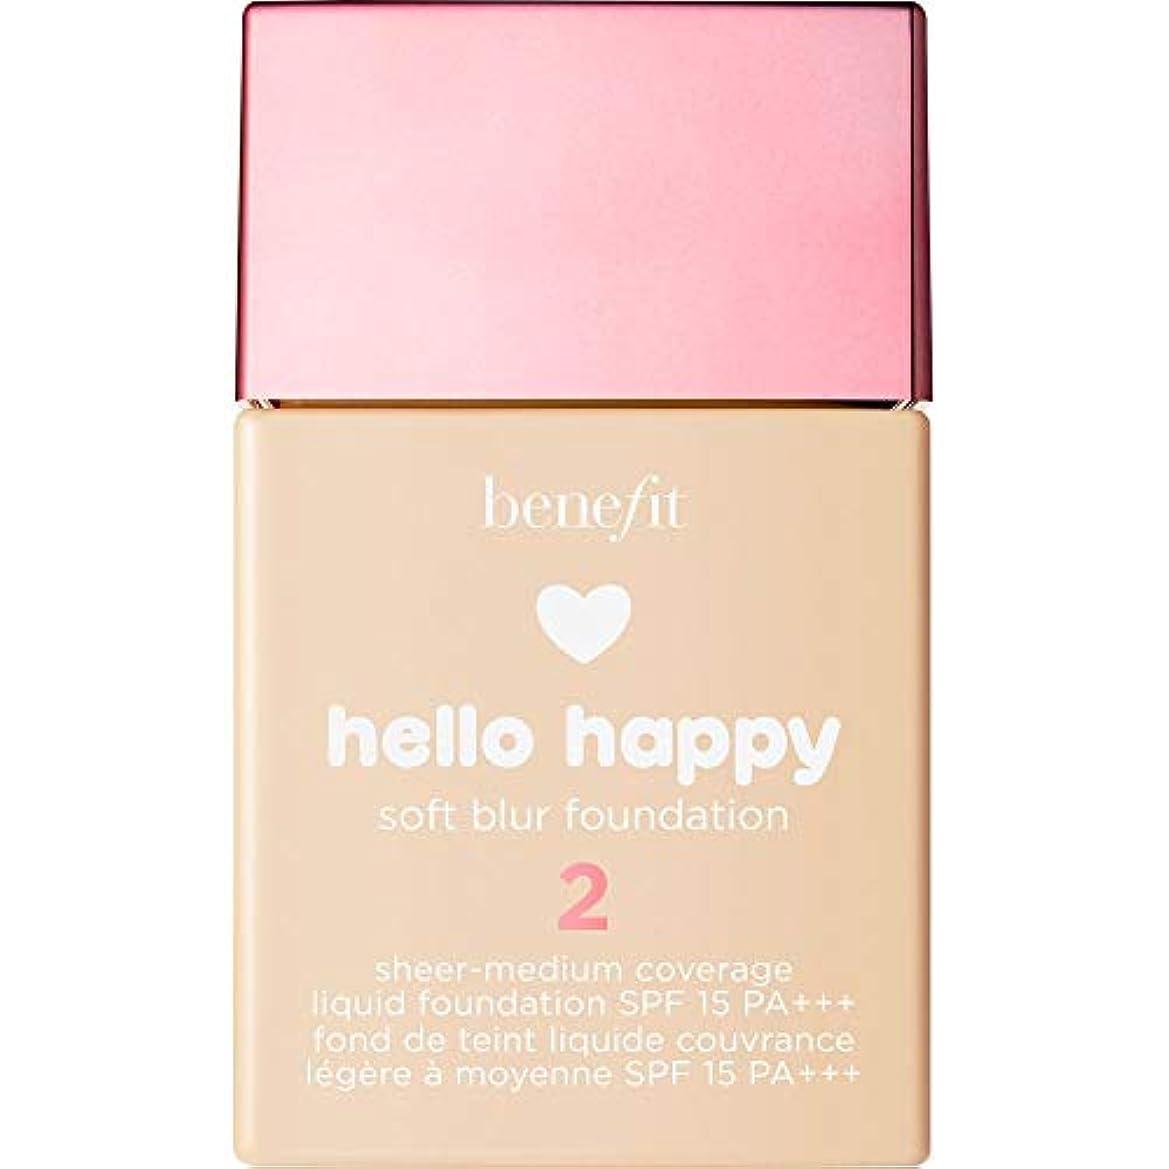 中止します自由ところで[Benefit ] こんにちは幸せなソフトブラー基礎Spf15 30ミリリットル2に利益をもたらす - 暖かい光 - Benefit Hello Happy Soft Blur Foundation SPF15 30ml...